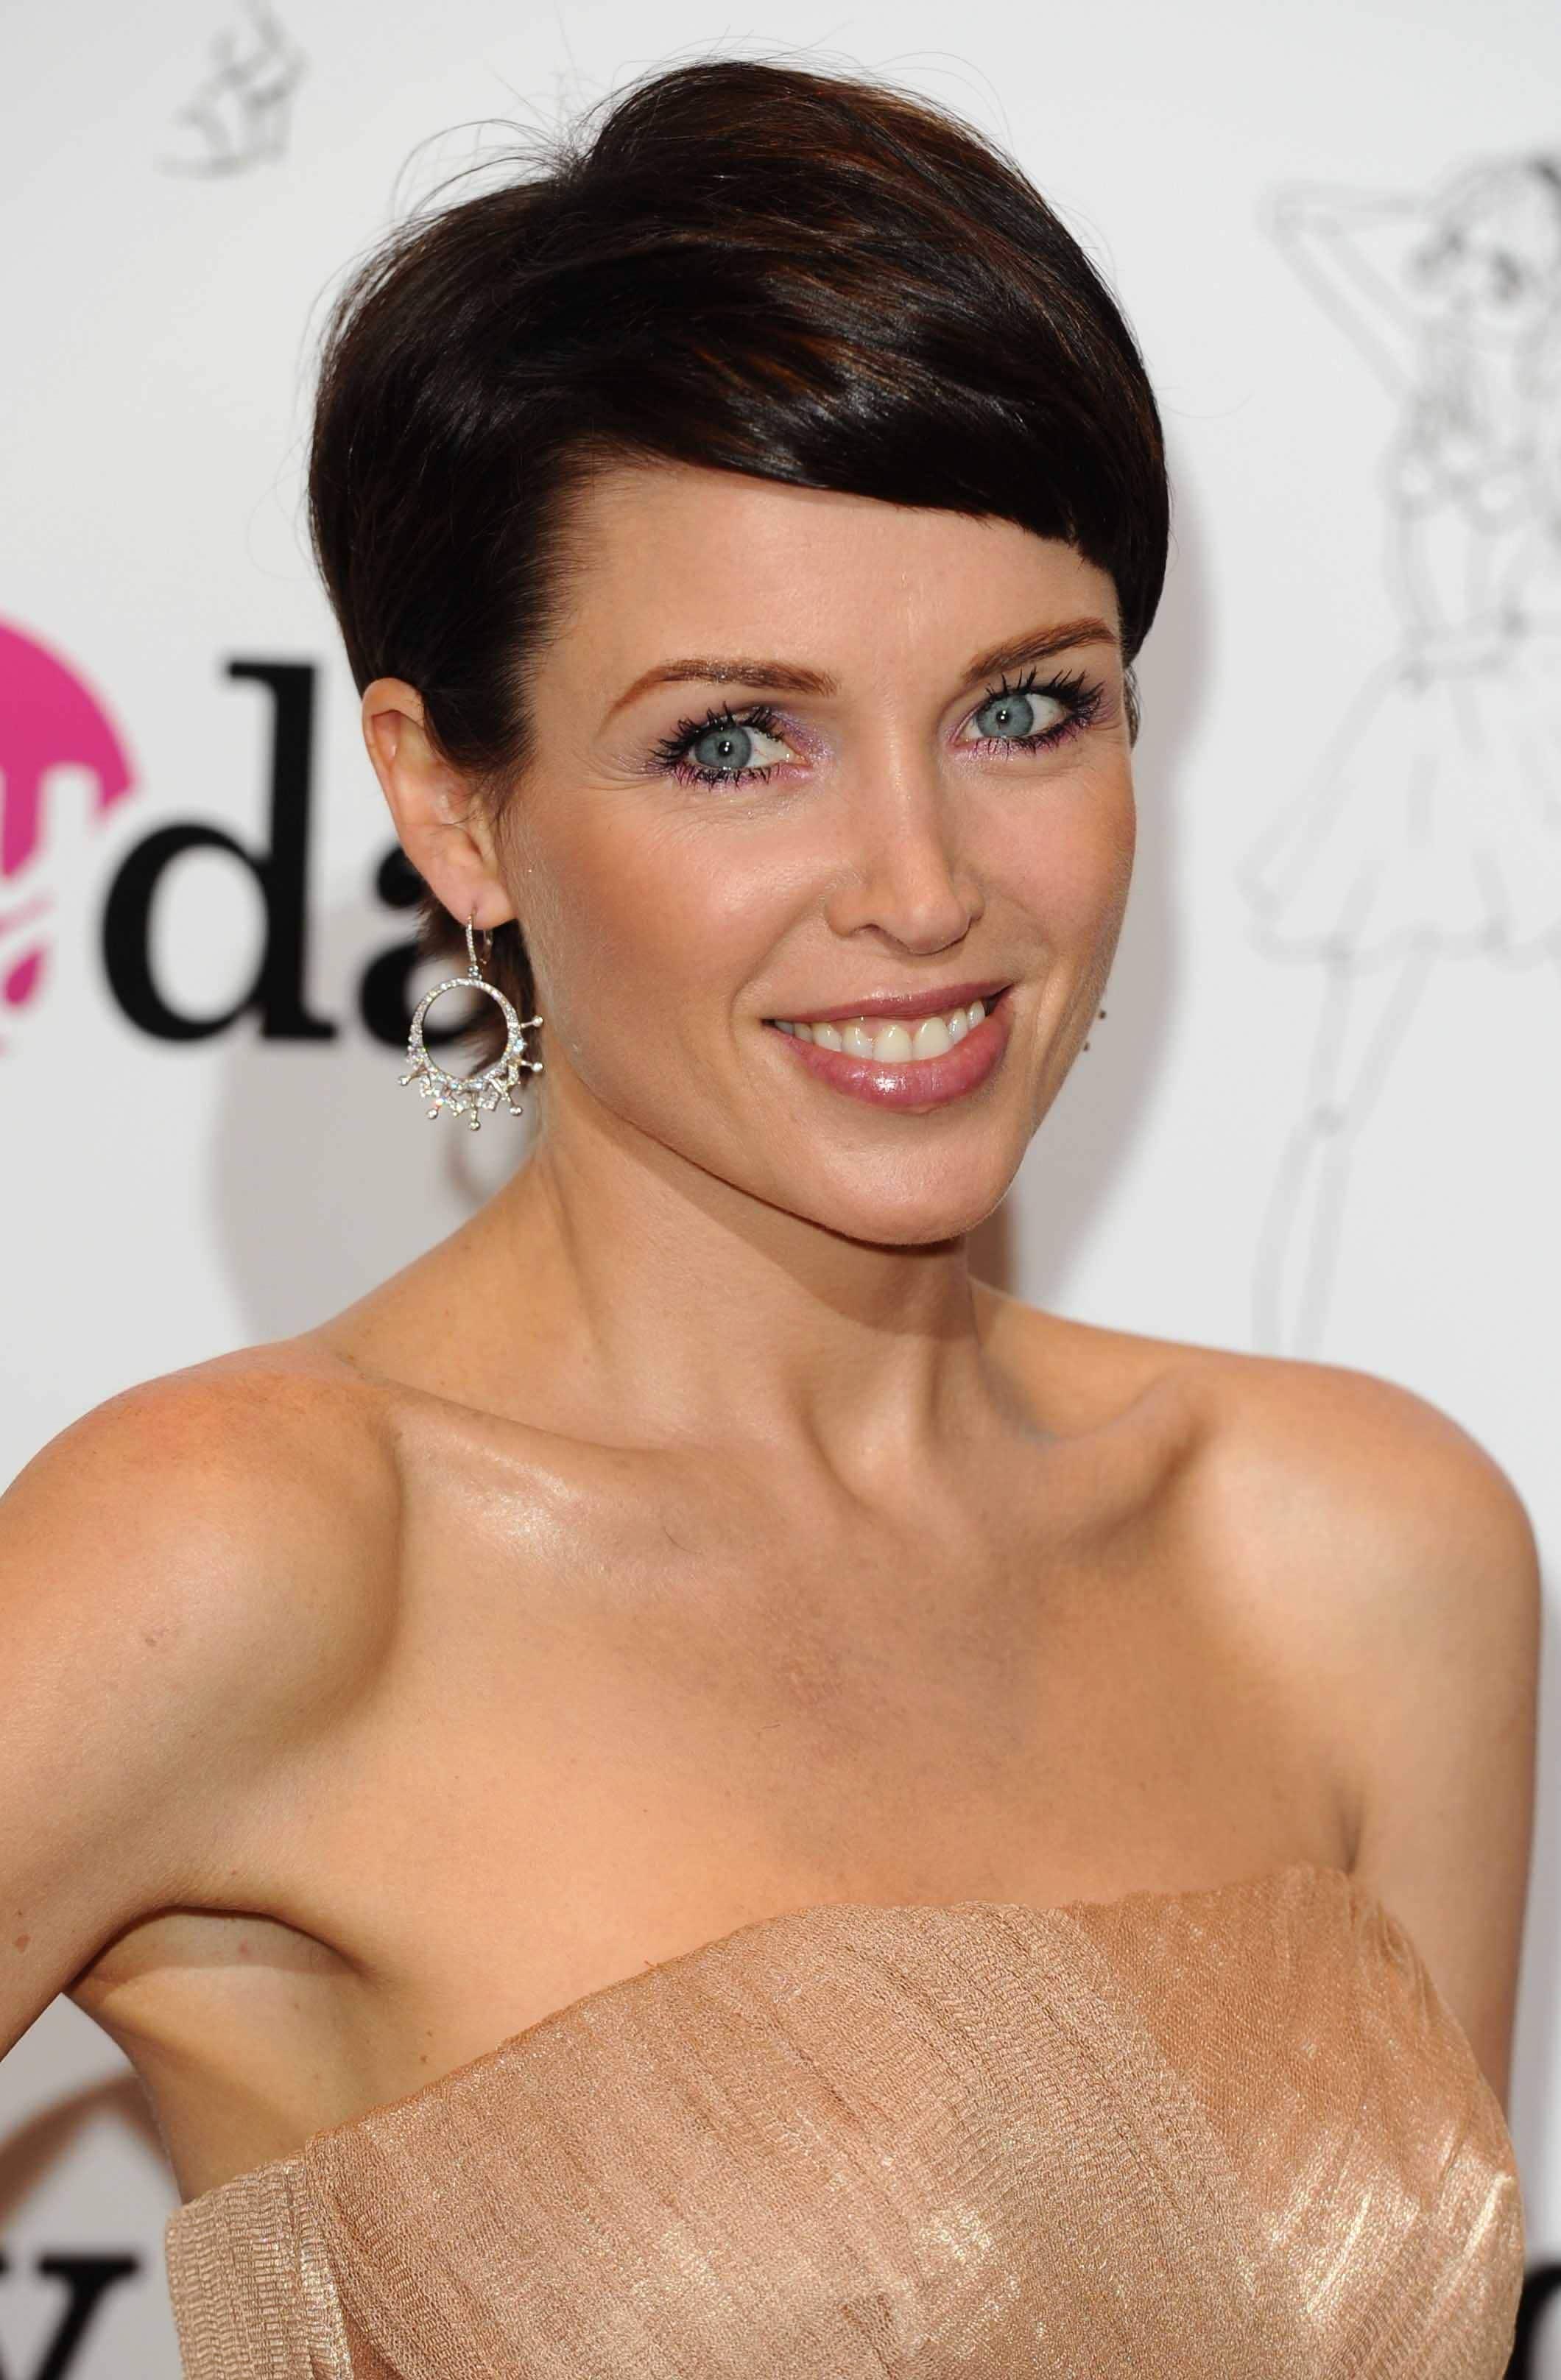 Pixie crop hairstyles Dannii Minogue. Credit Rex by Shutterstock